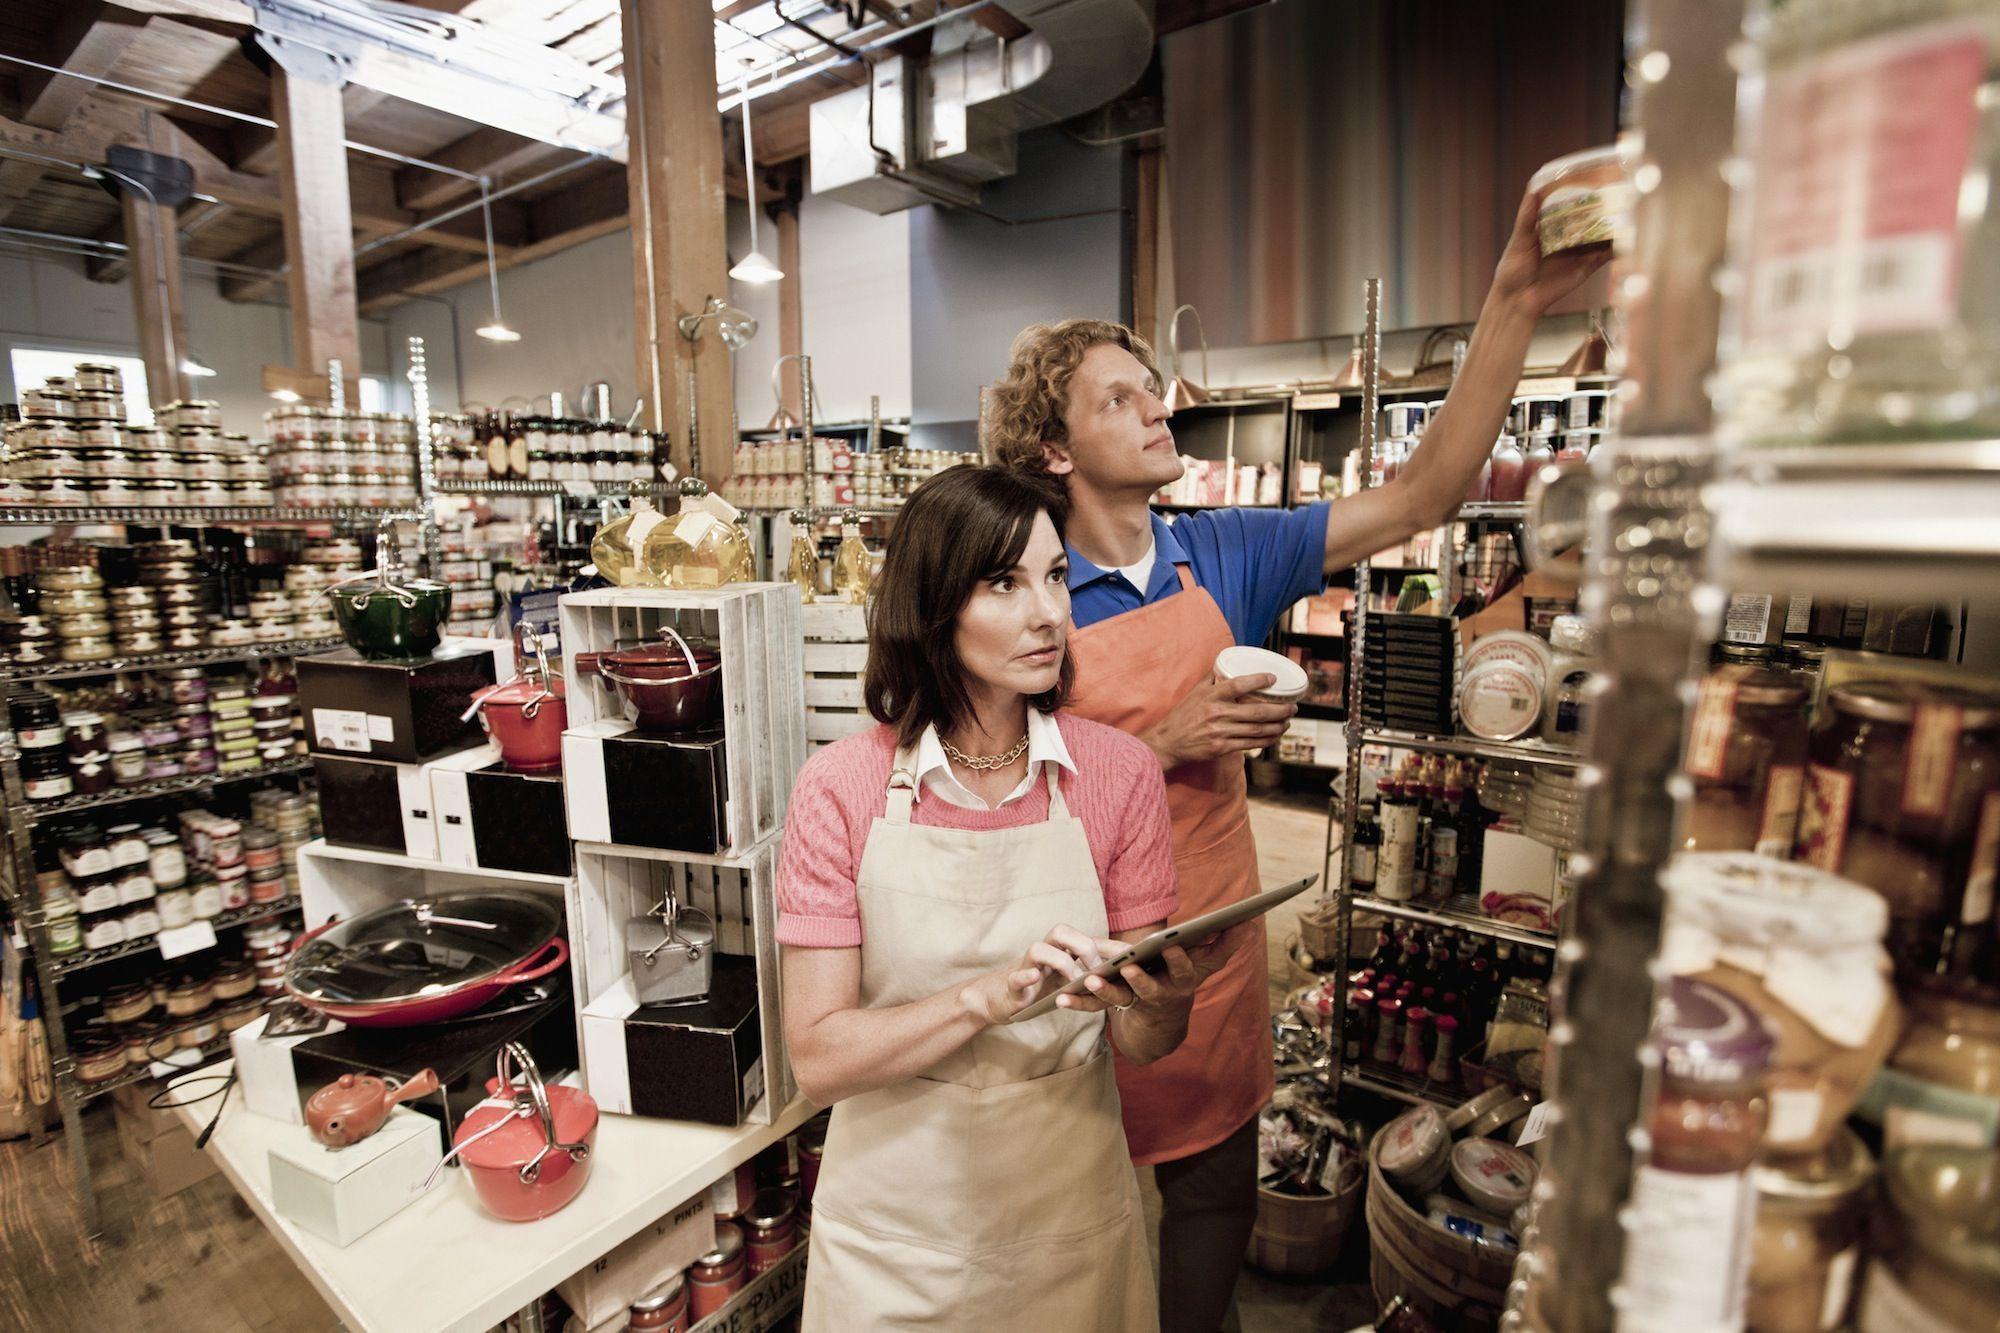 Estoque em supermercados: Descubra a importância da gestão